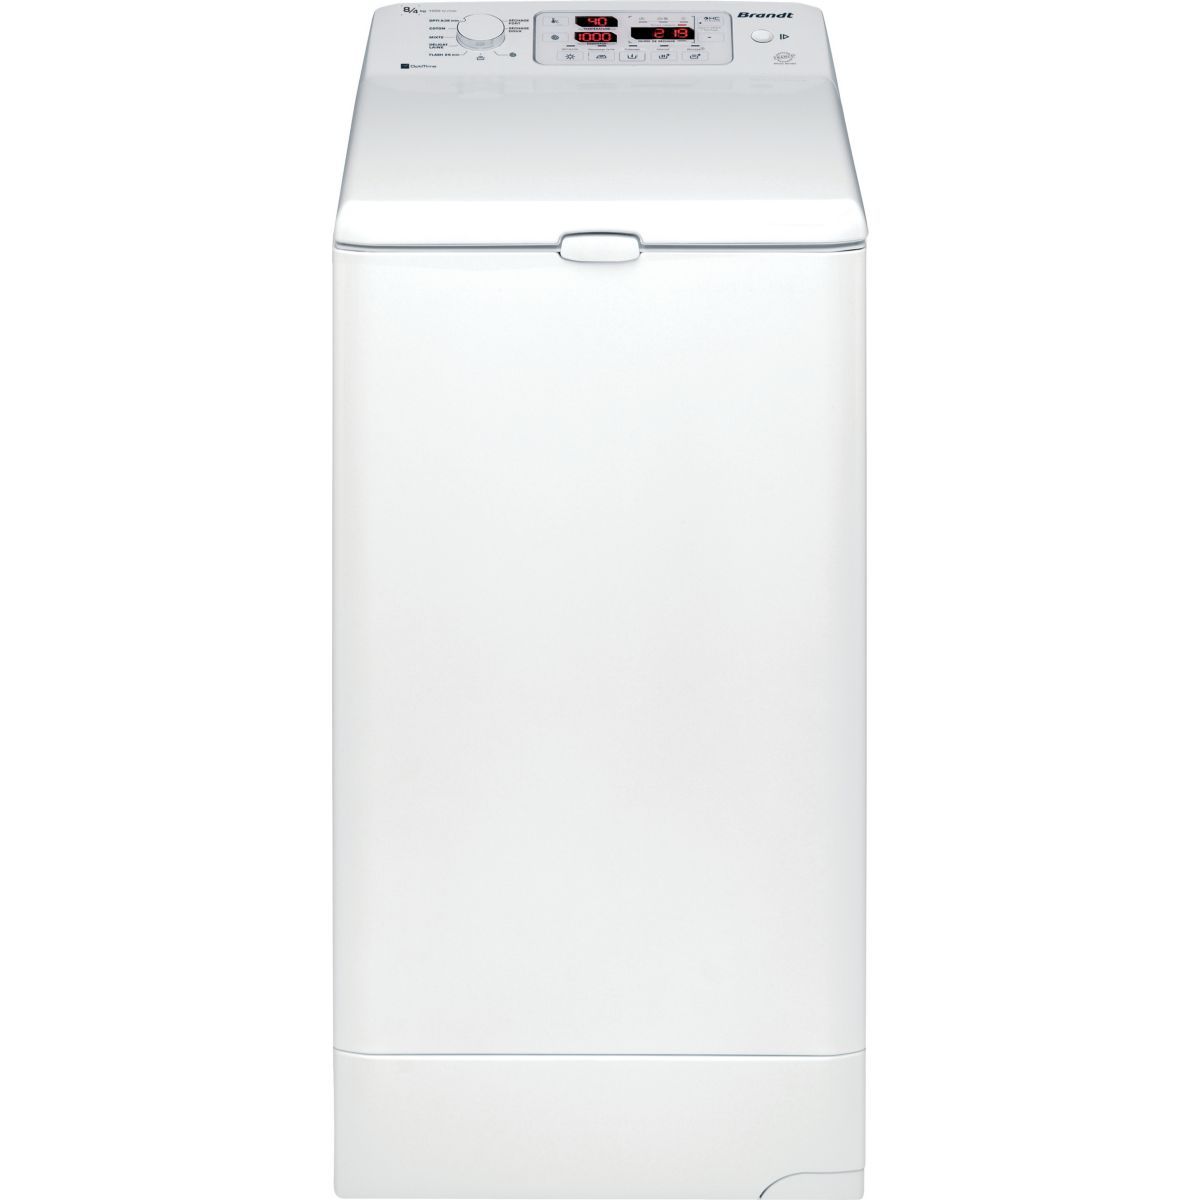 Lave-linge séchant top brandt wtd8074sf - 2% de remise : code gam2